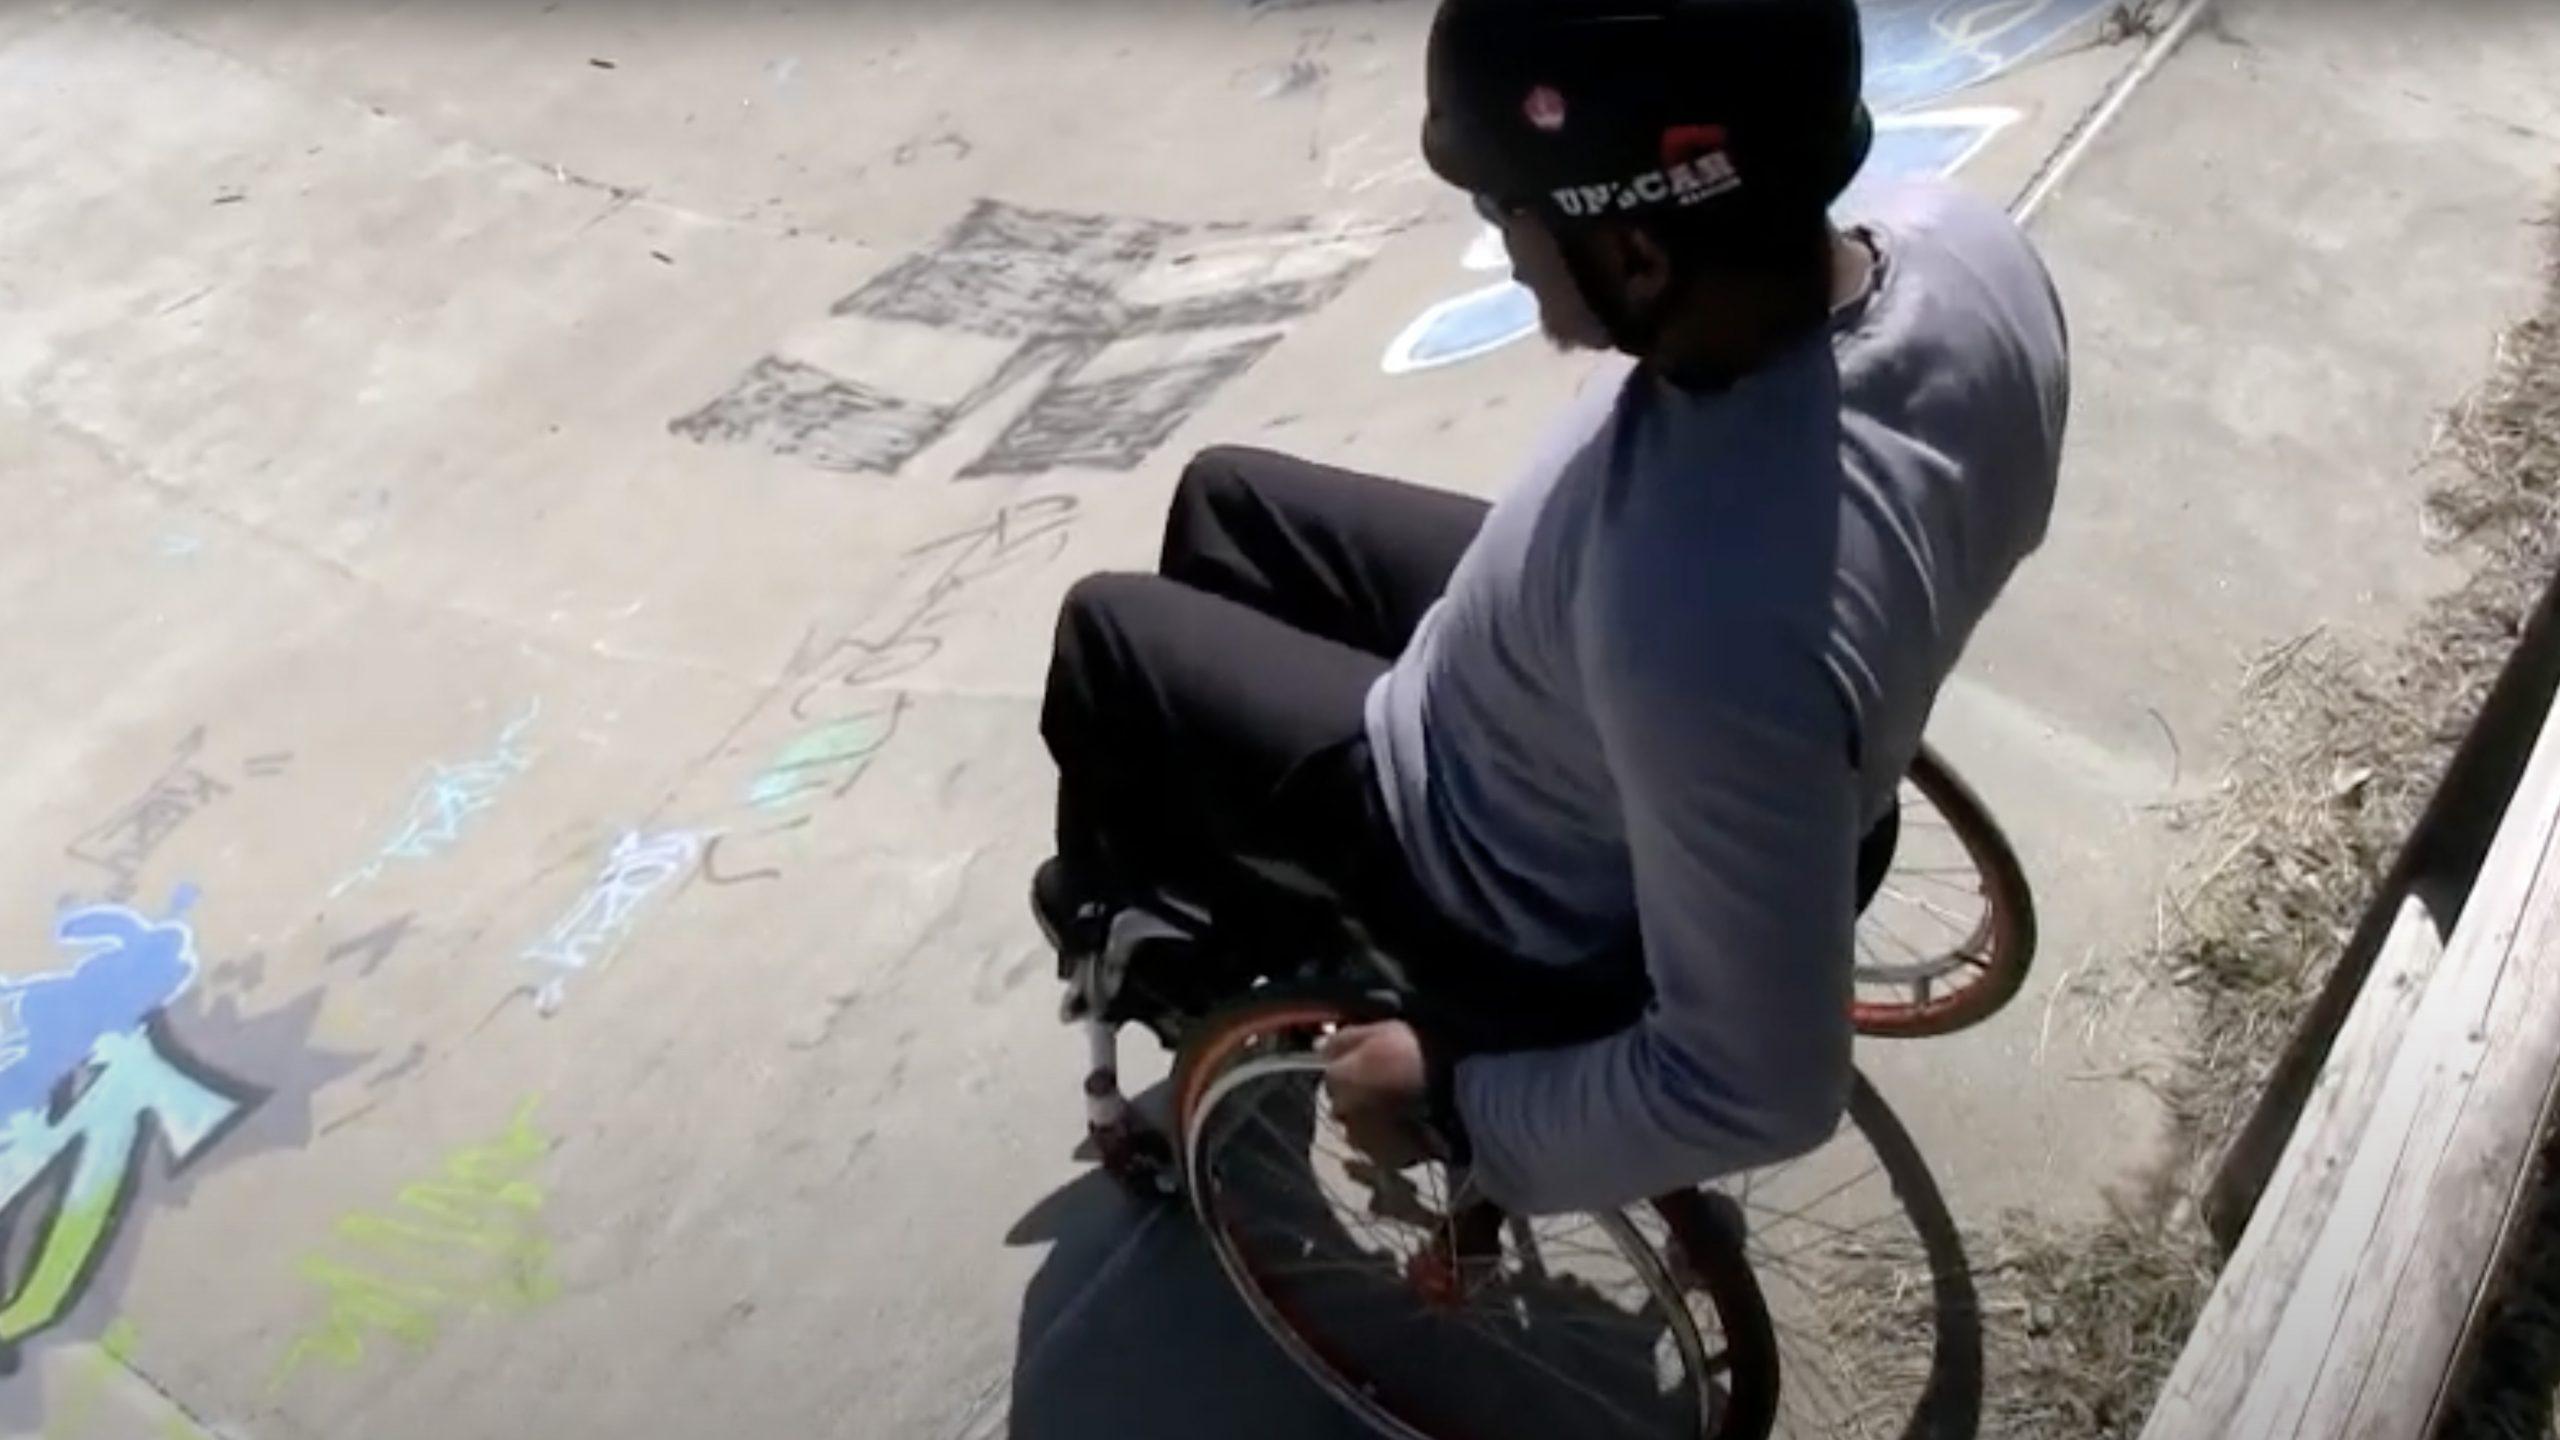 tronches de vie numéro 2 un documentaire sur le handicap avec le regard des enfants et Charly Valenza réalisé par Matthieu wassik